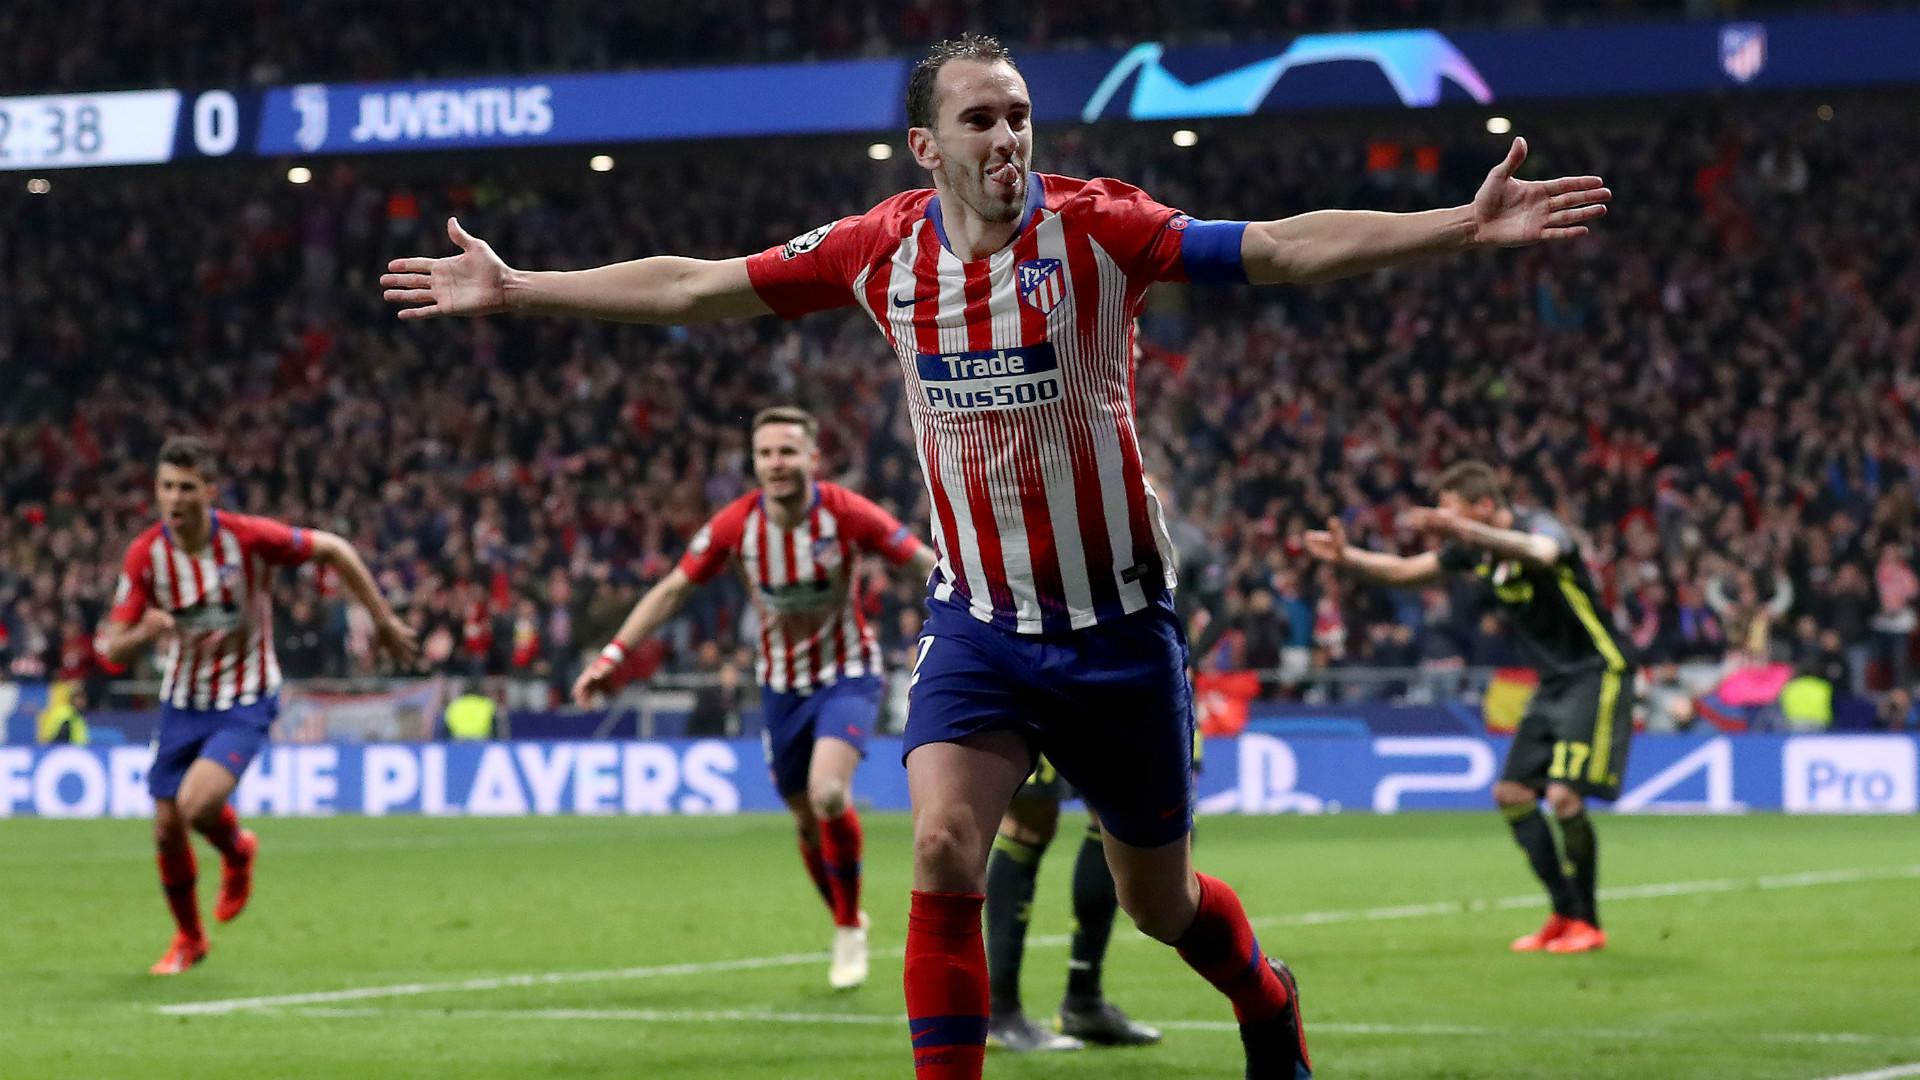 شاهد أهداف فوز أتليتكو مدريد على يوفنتوس 0/2 في دوري أبطال أوروبا